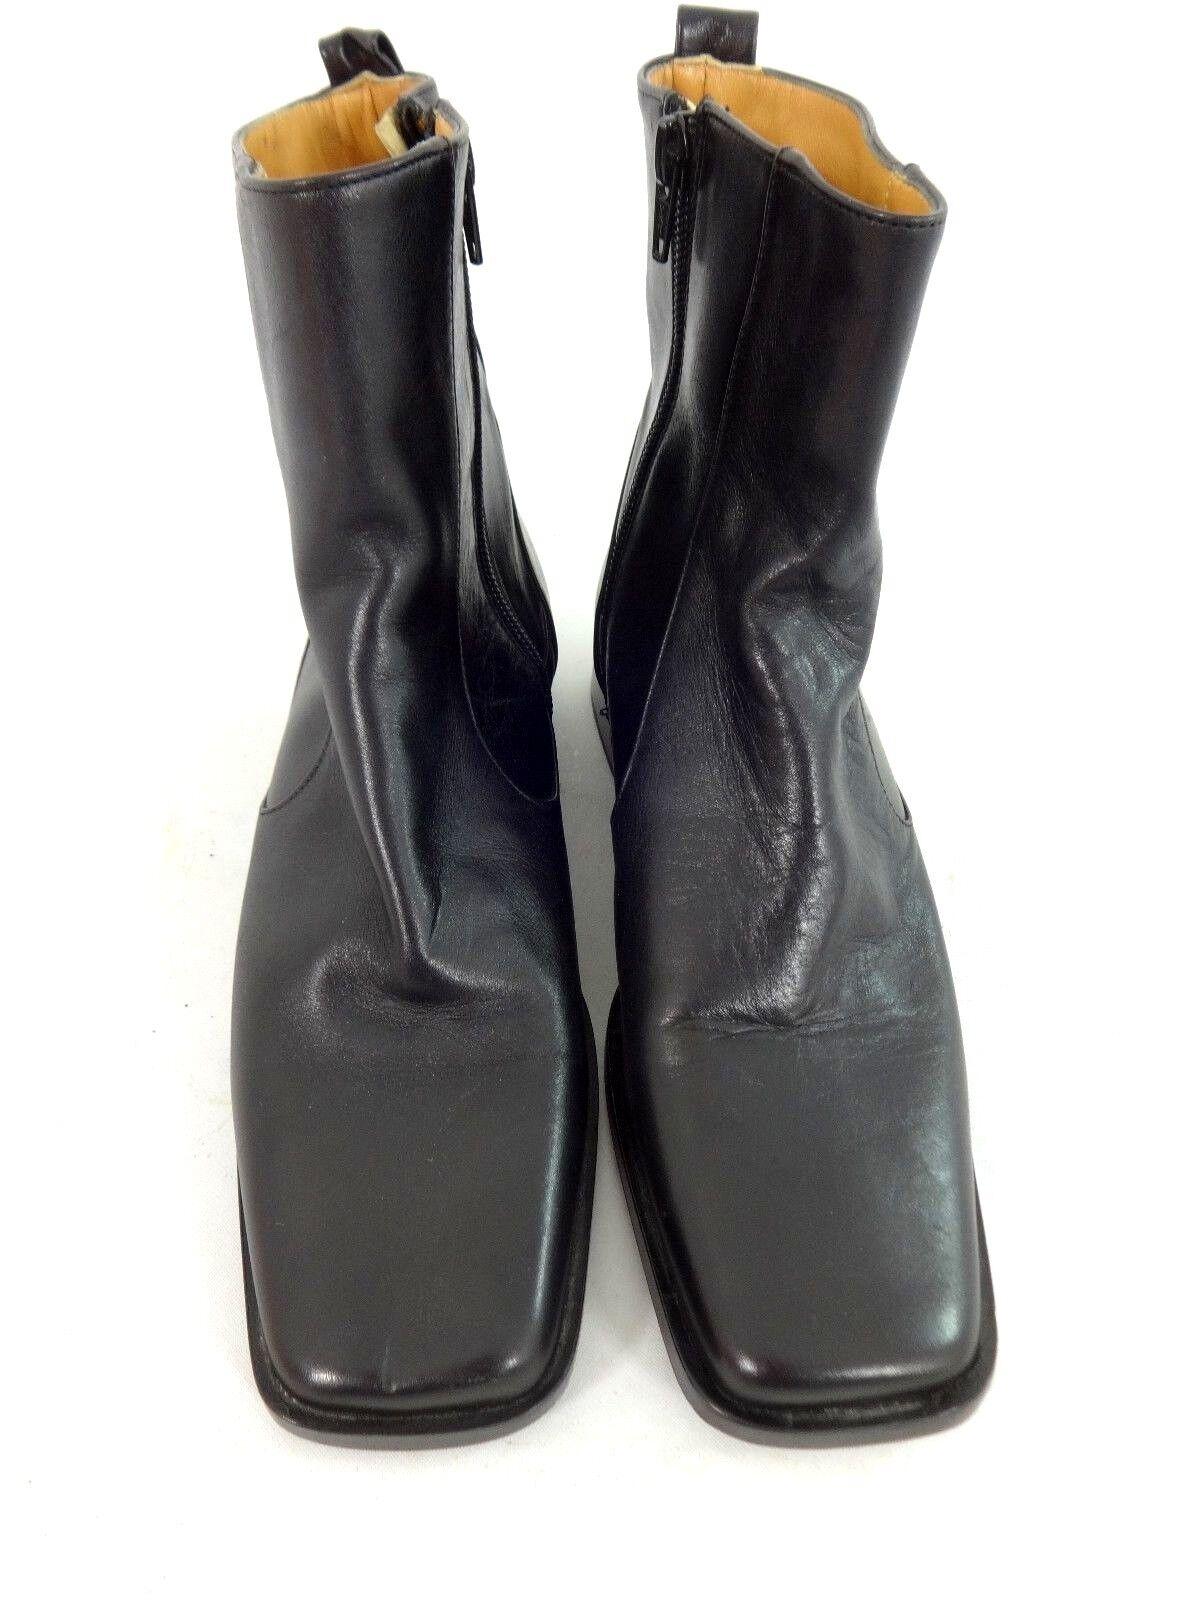 c3ff629ccb καλογηρου WOMENS BLACK LEATHER SIDE ZIP BOOTS SIZE 5.5 M SUPER CUTE NWOB